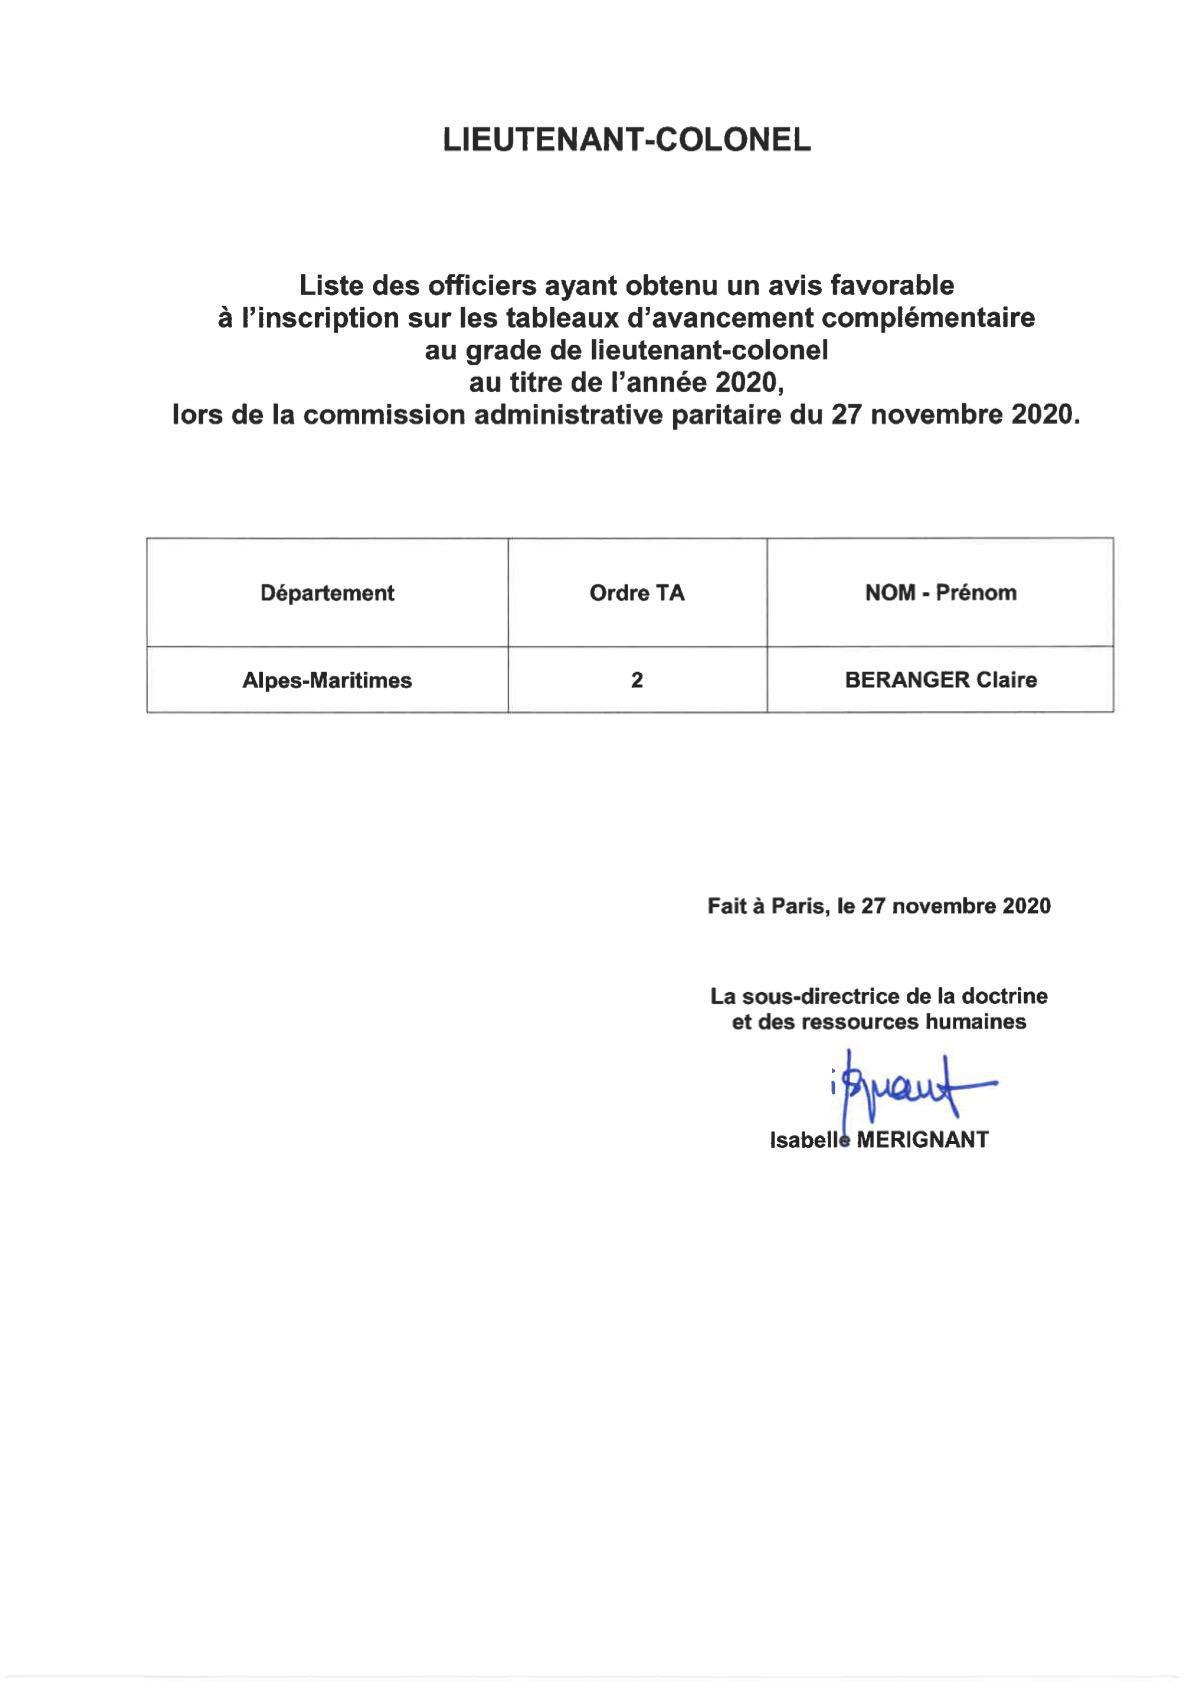 CAP du 27 novembre 2020 avancement au grade de LNT Colonel